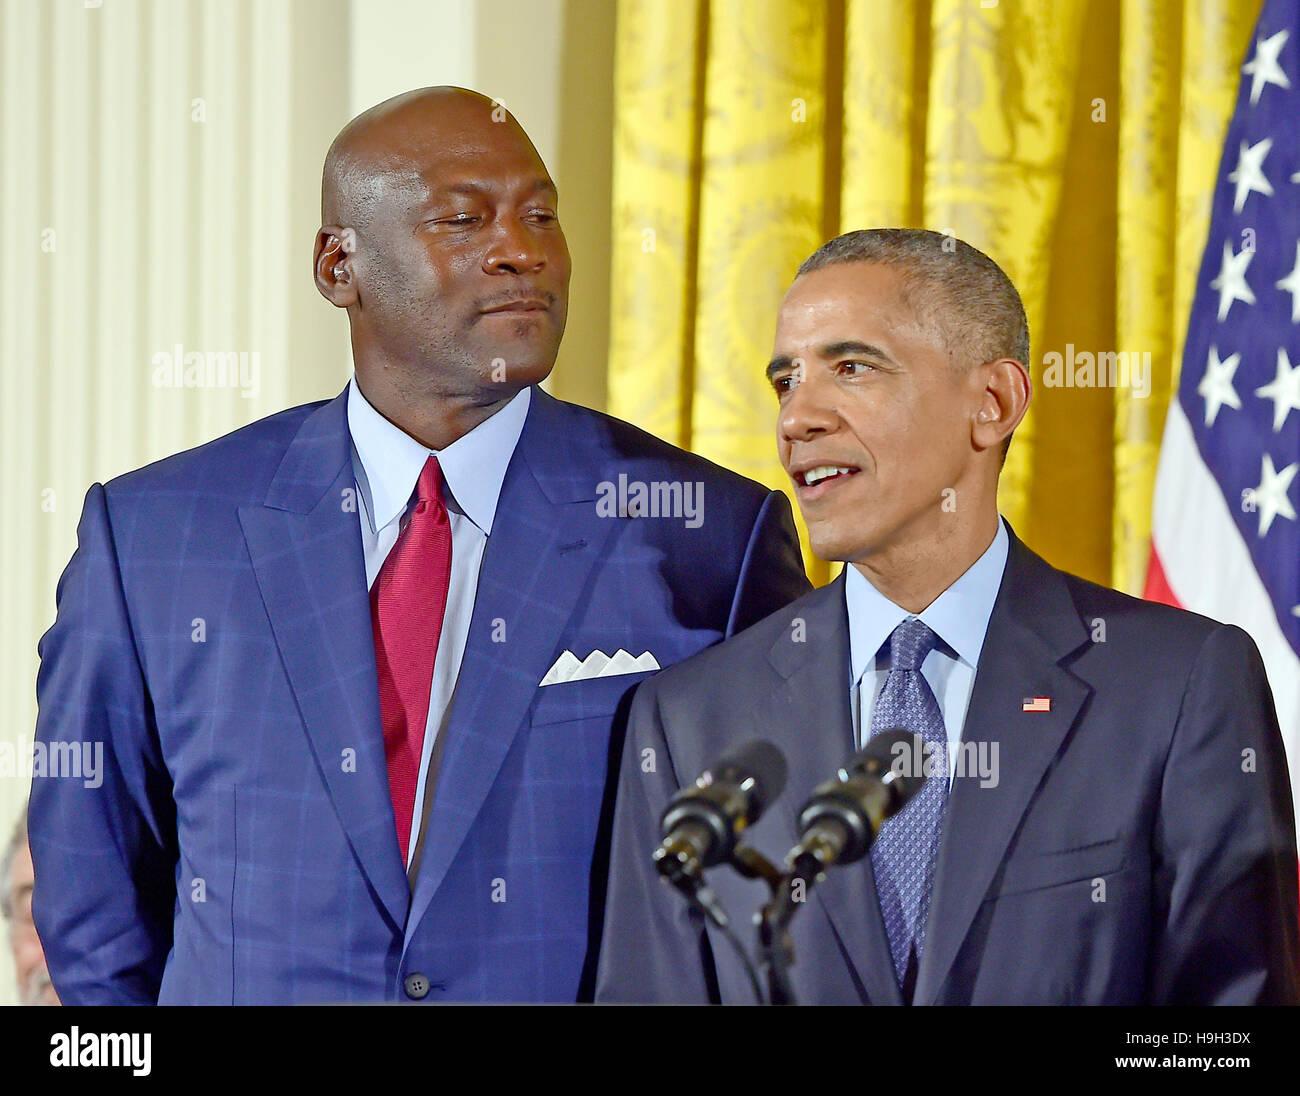 Michael Jordan Stockfotos & Michael Jordan Bilder - Seite 21 - Alamy